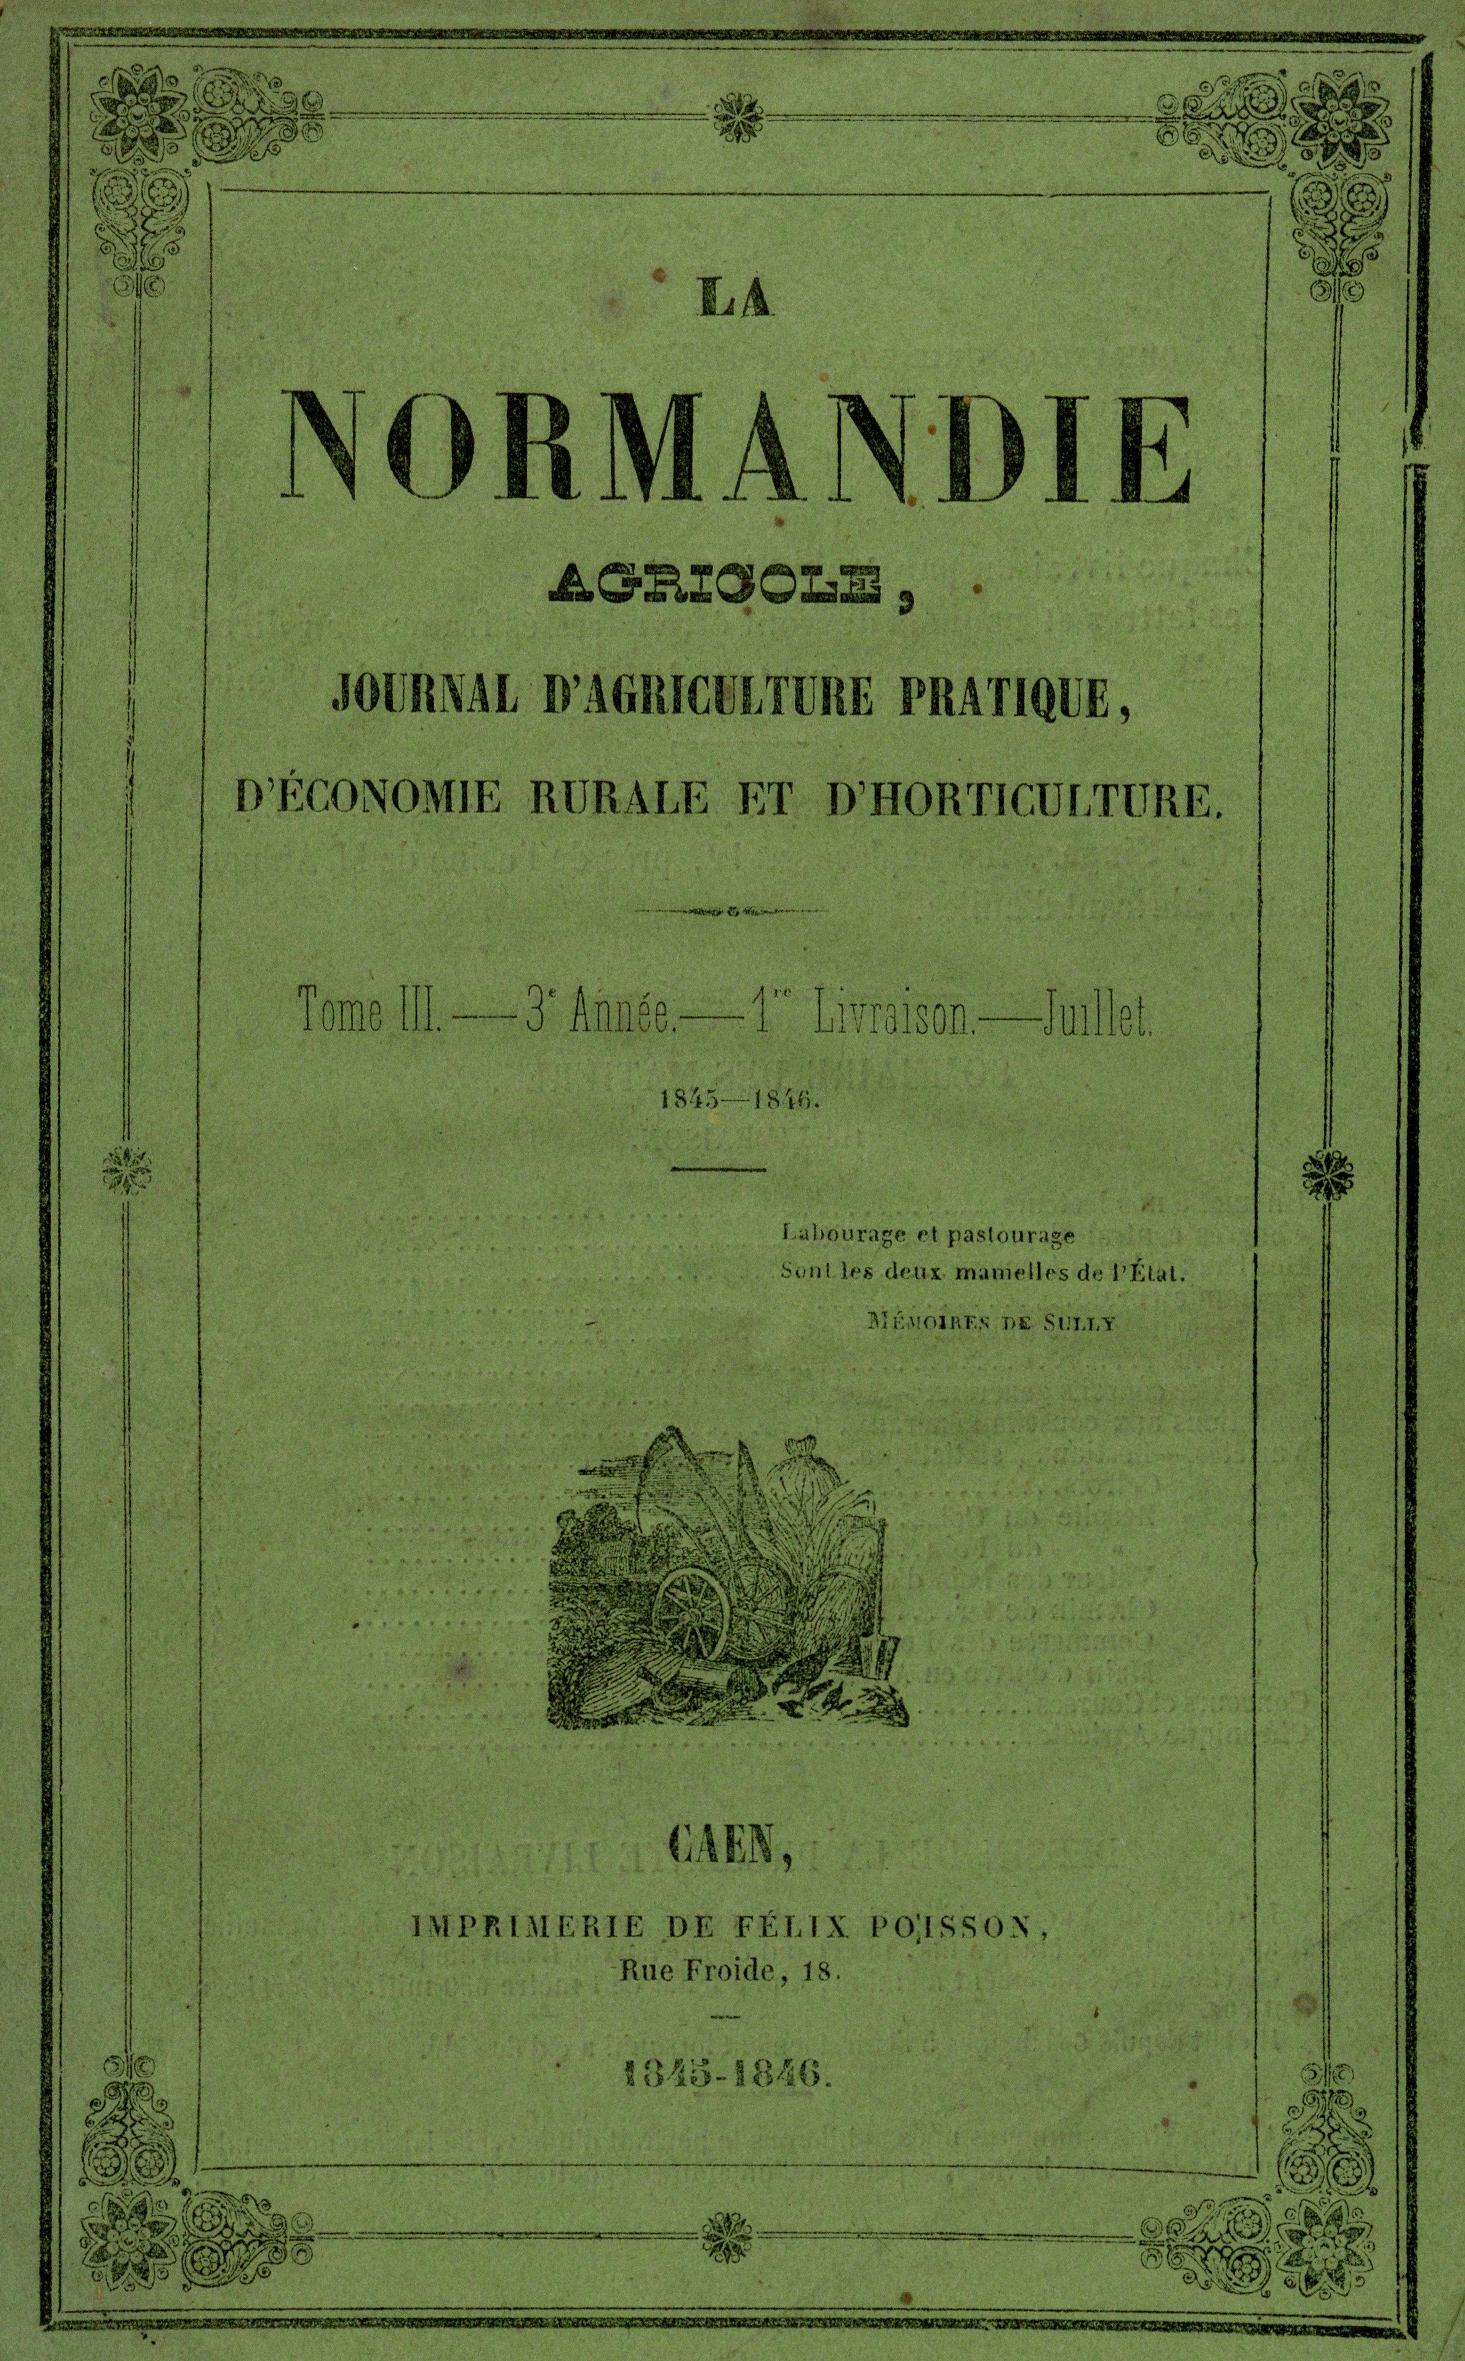 Table des sommaires et index des matires de la normandie agricole journal d - Journal de normandie ...